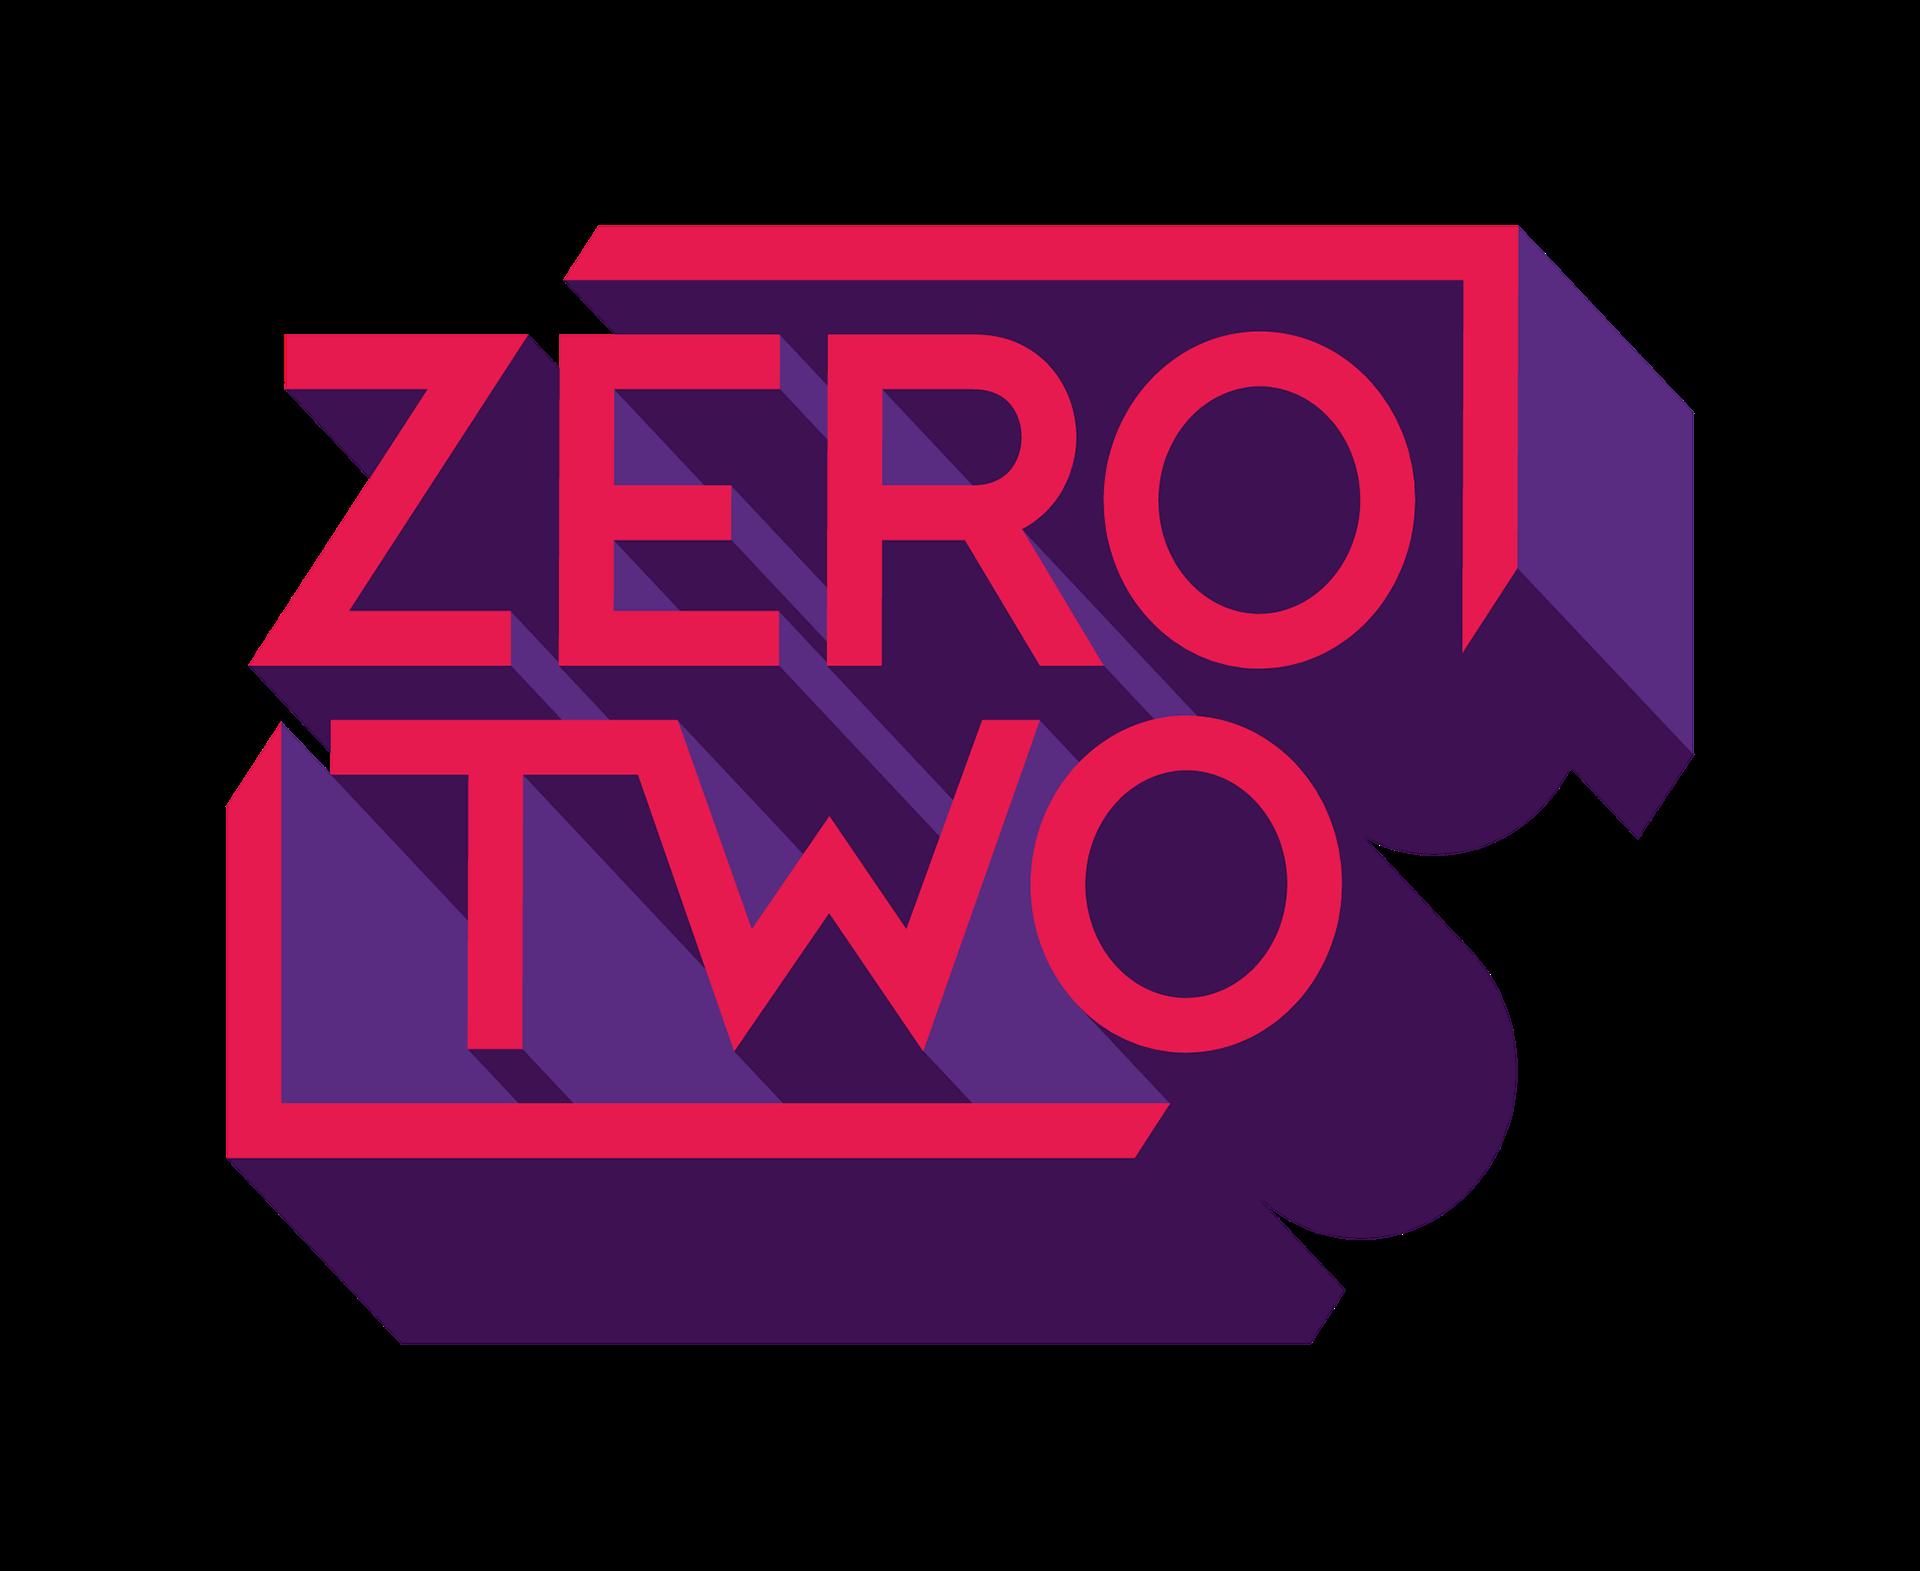 Zero Two.